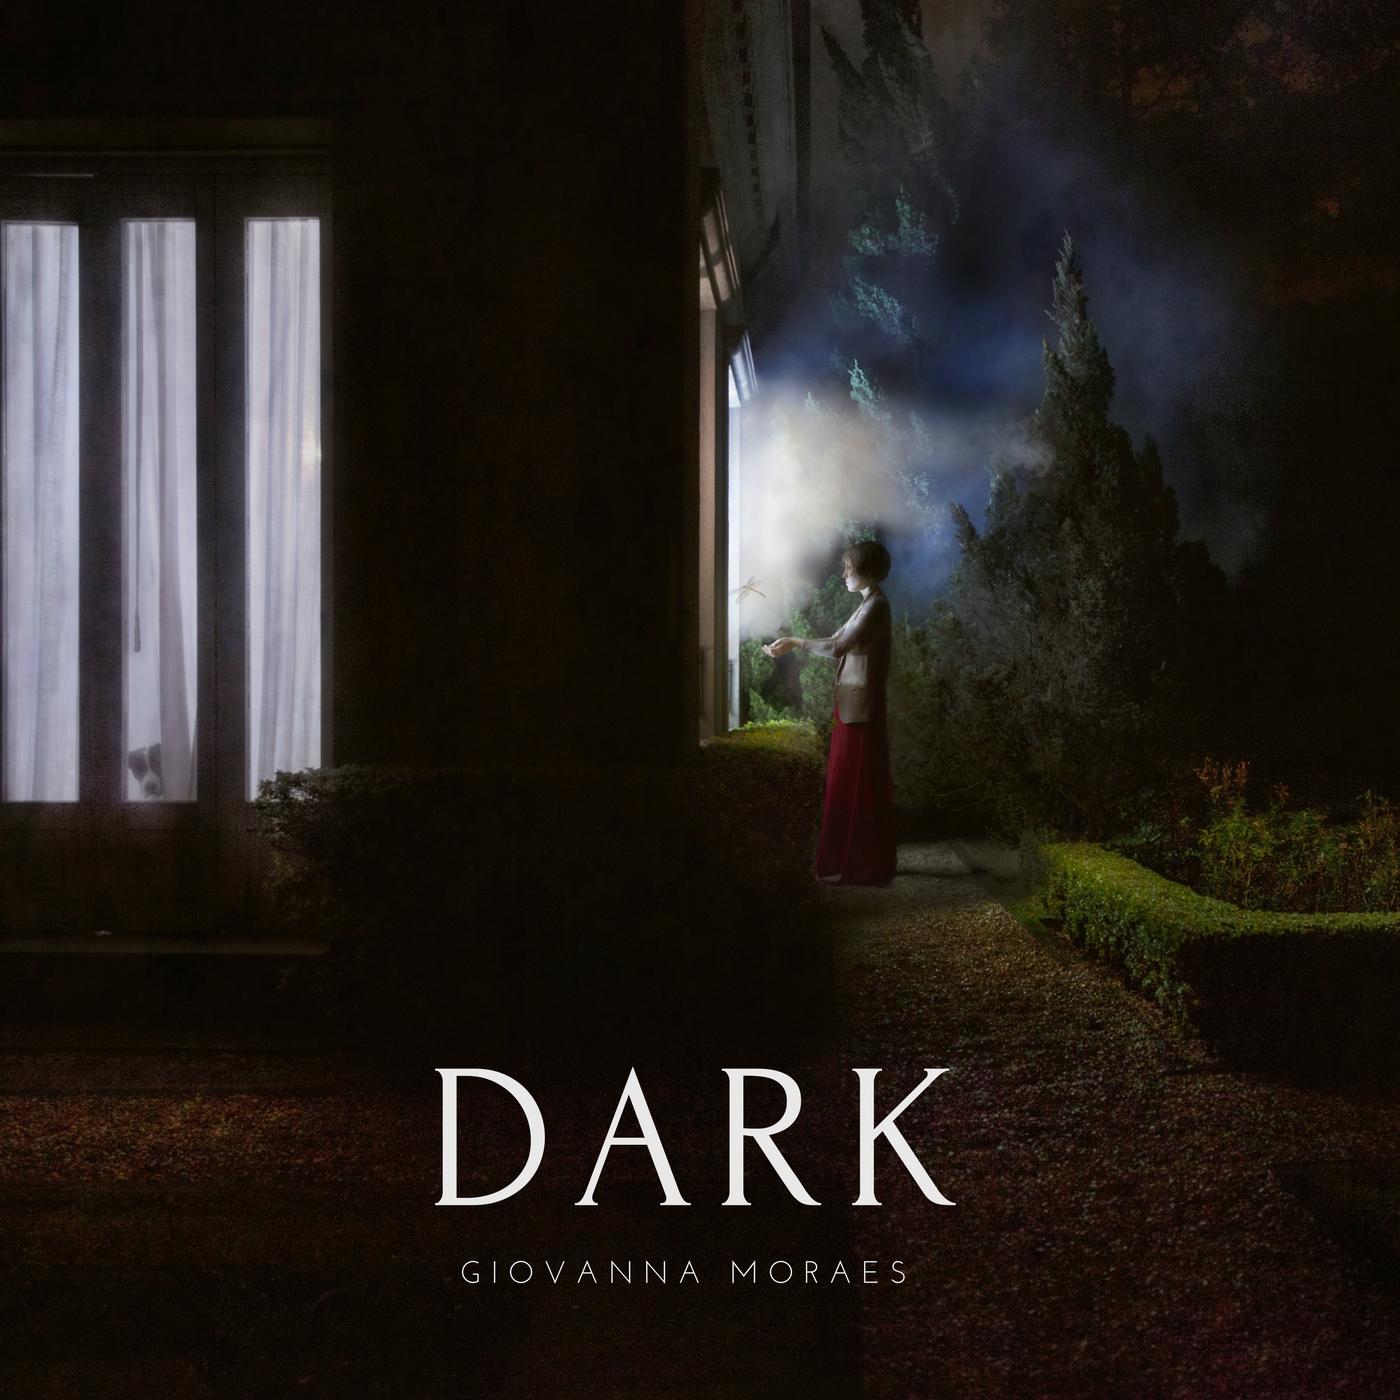 Handsy Content: Dark